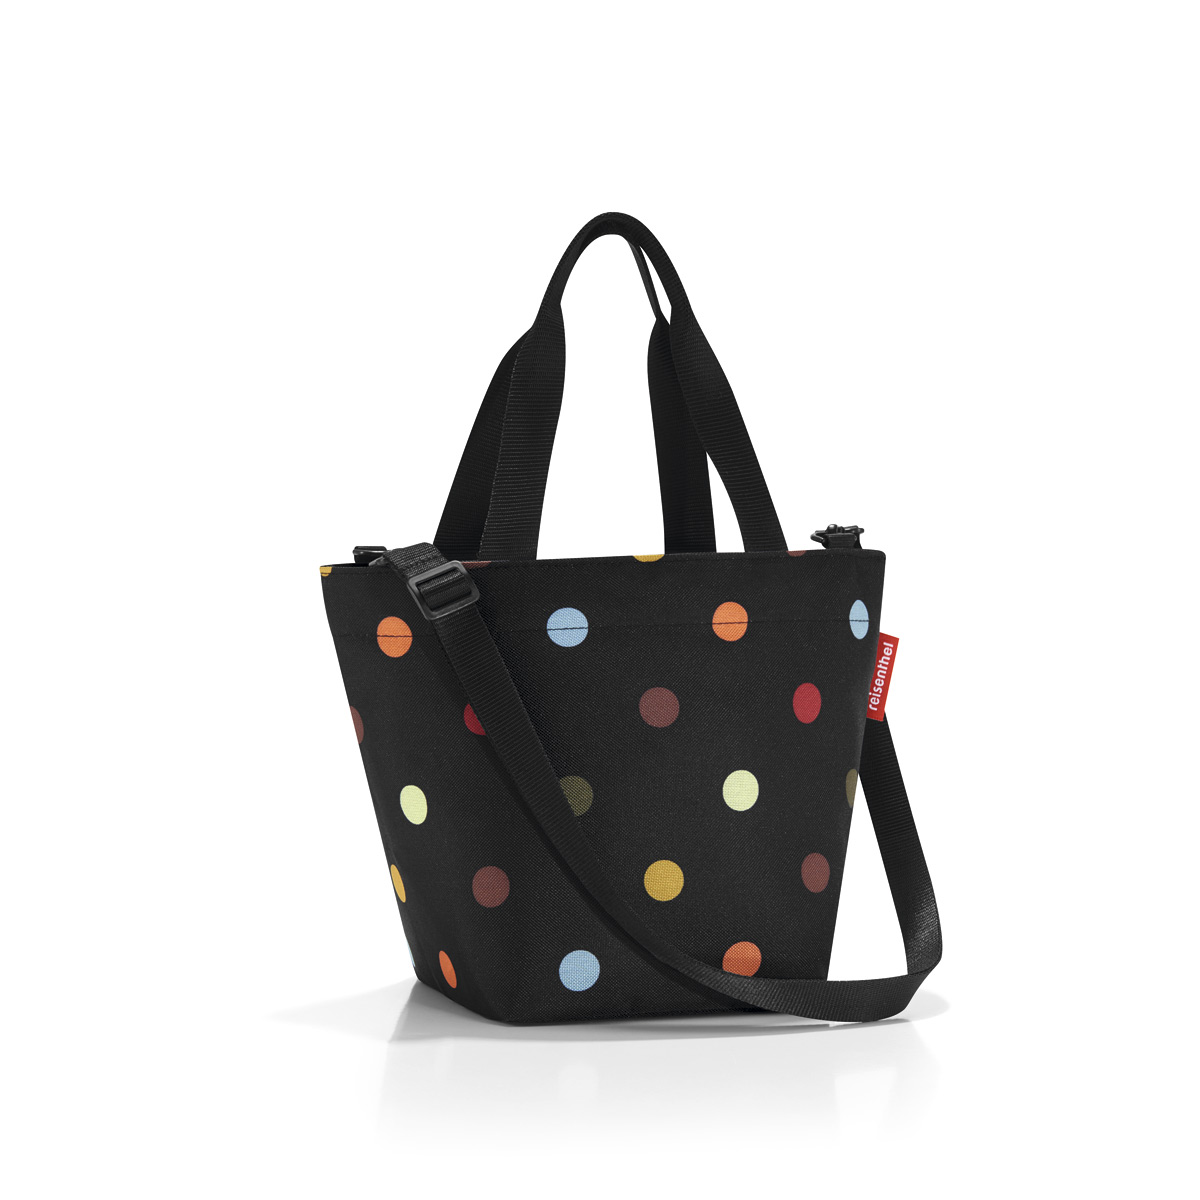 Сумка-шоппер женская Reisenthel Shopper XS dots, цвет: черный. ZR7009A-B86-05-CСимпатичная сумка для повседневного использования: широкие удобные лямки для переноски в руках и удобный плечевой ремешок с регулируемой длиной, который можно отстегнуть.Объем 4 литра позволяет вместить все необходимые мелочи. Застегивается на молнию. Внутри - кармашек на молнии.